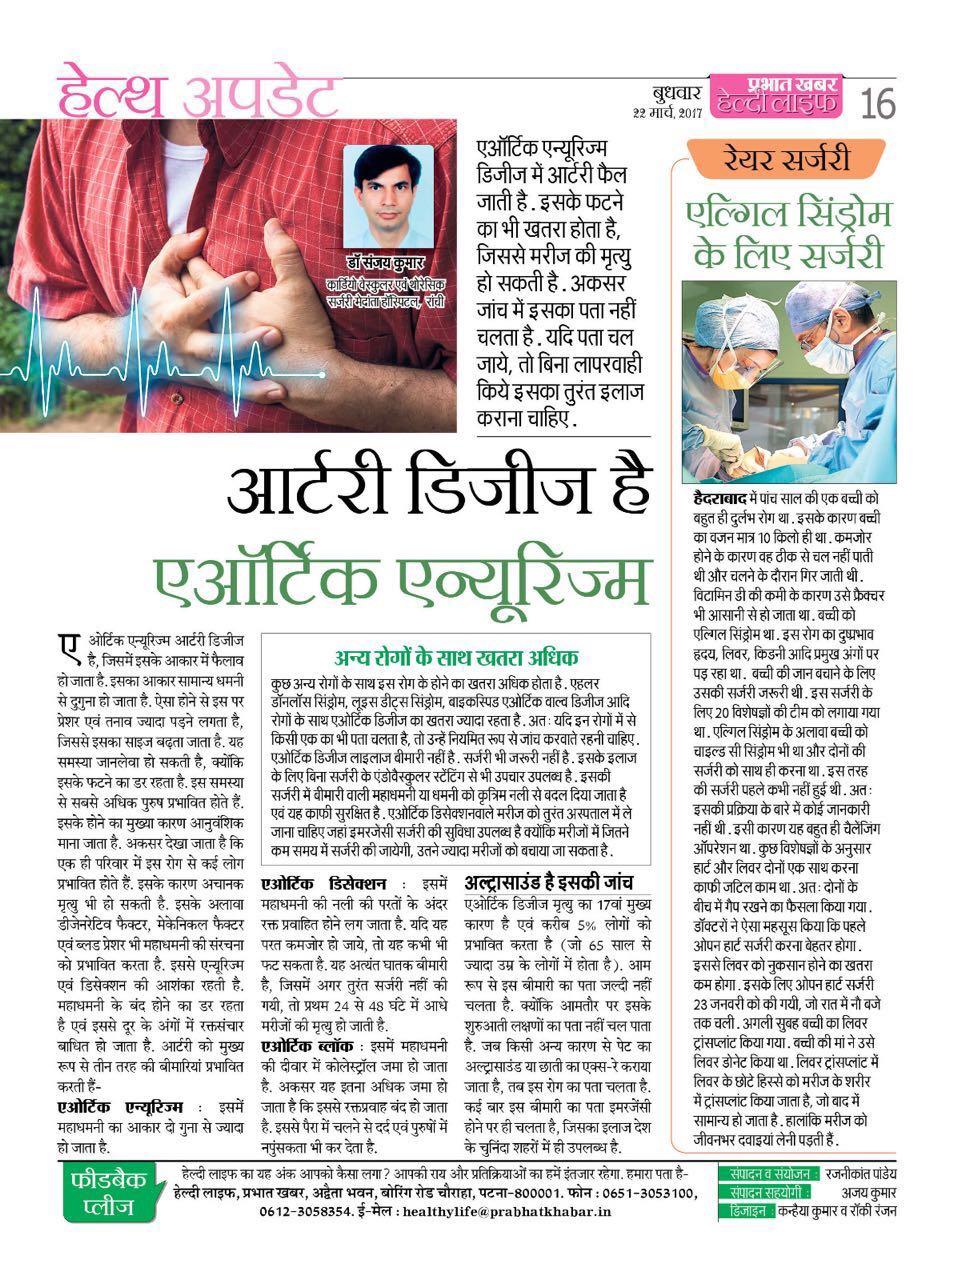 Dr-Sanjay-kumar-Ranchi (6)-min